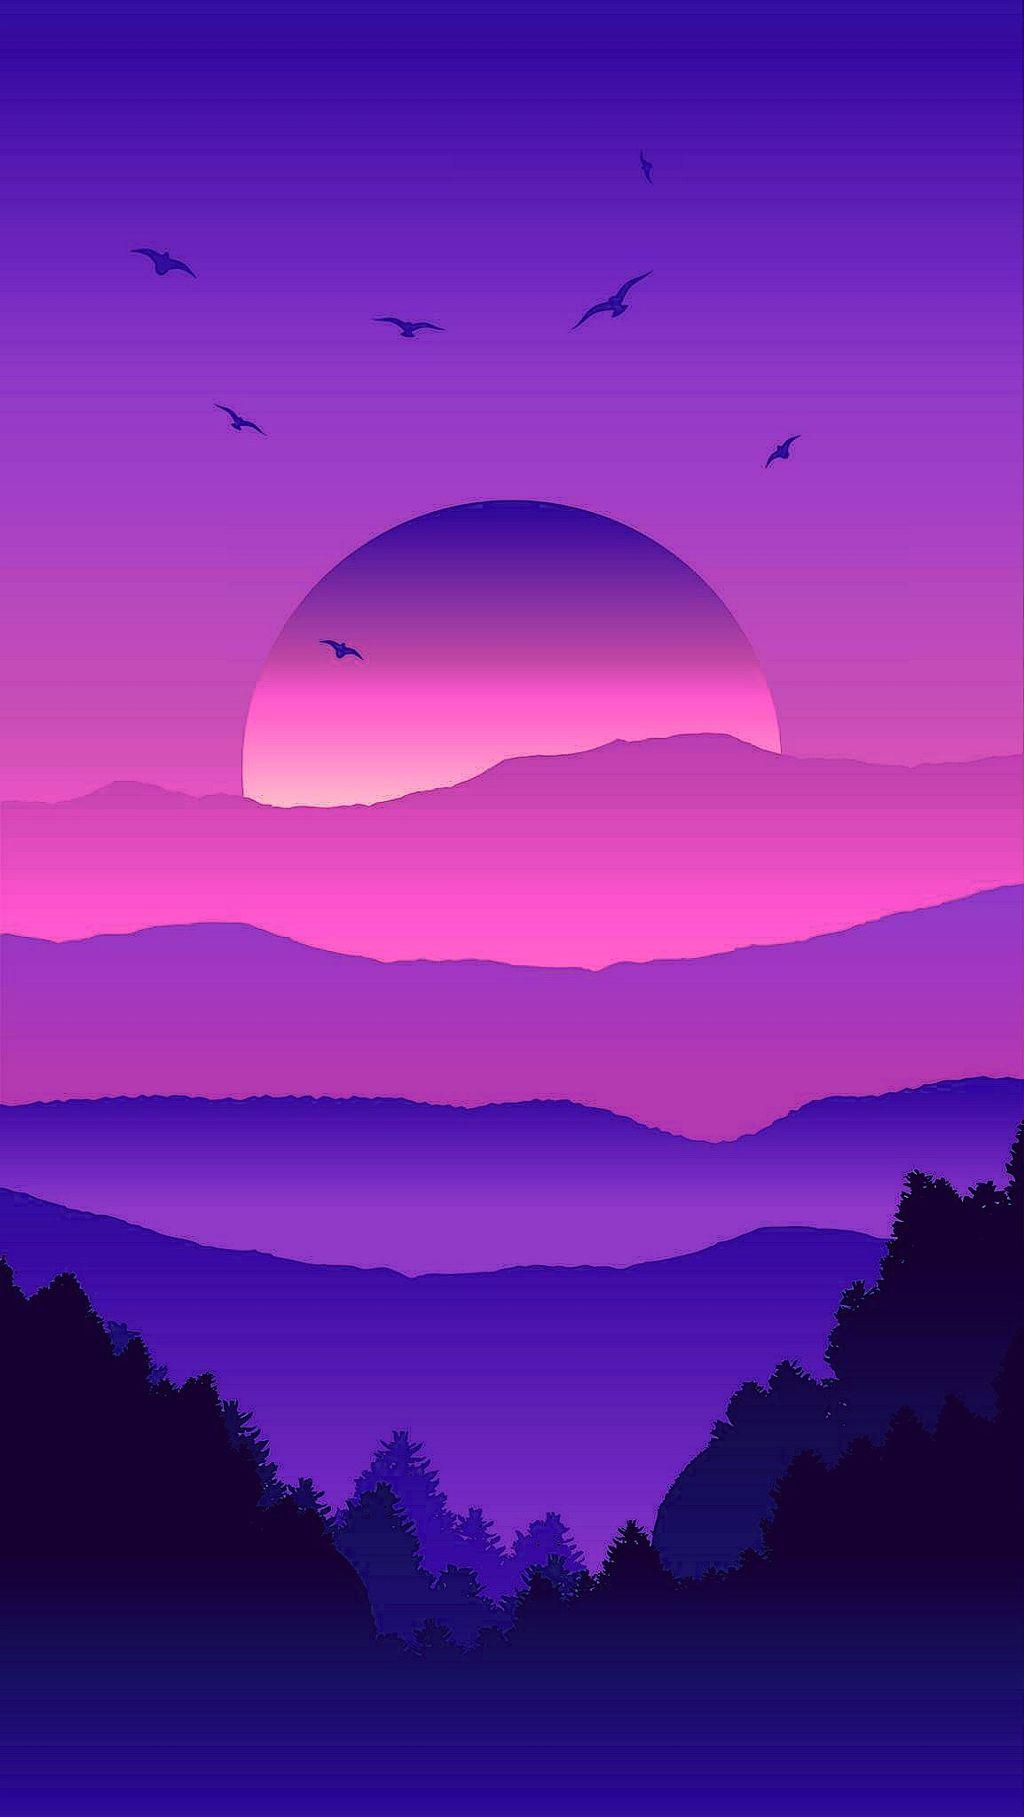 Vaporwave backdrop. Freetoedit aesthetic background peaceful